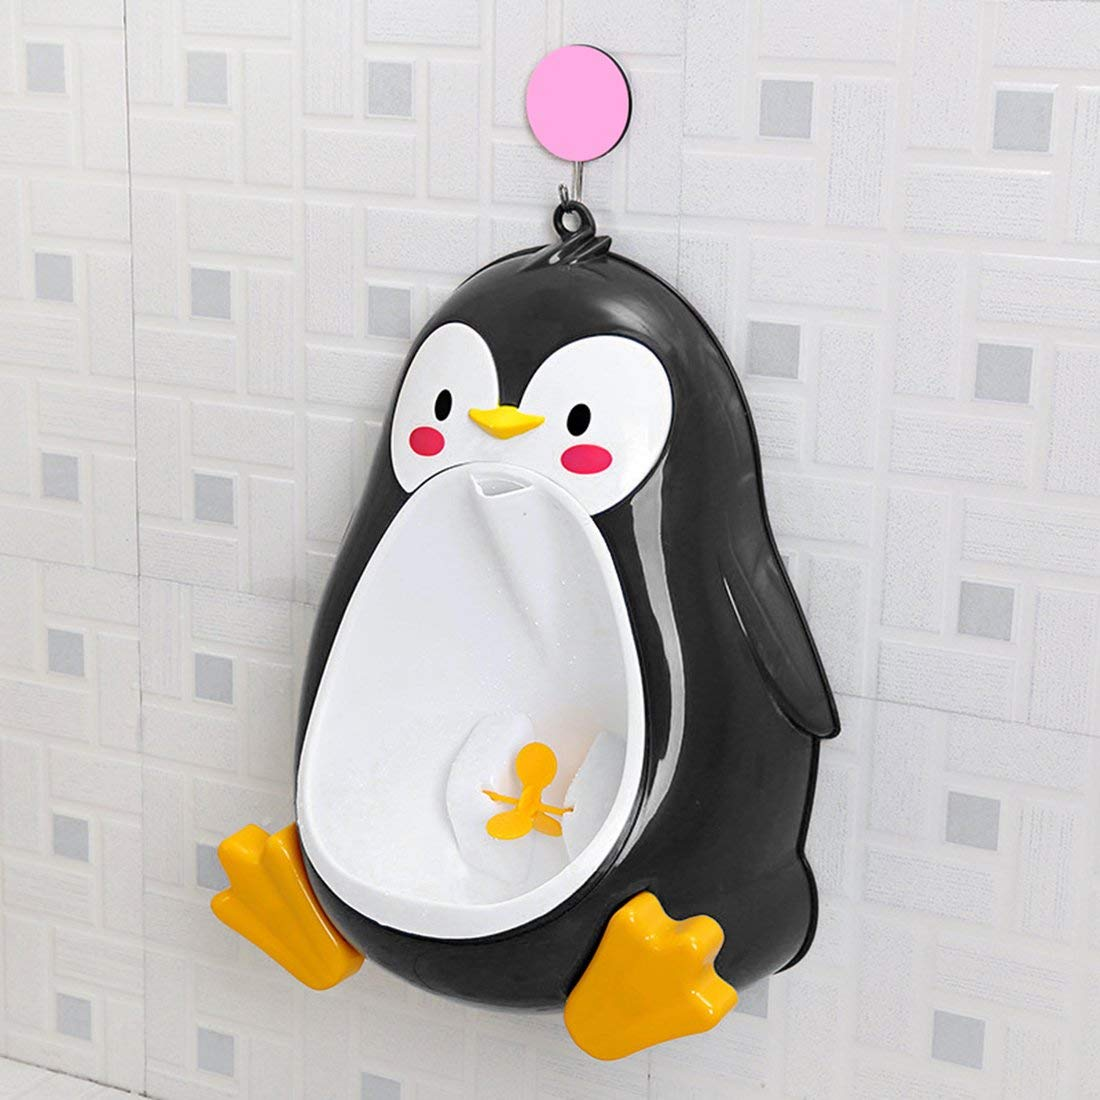 Noir Dessin anim/é mignon Penguin Potty Urinoir Toilette Permanent Urinoir Salle de Bains Enfants Pee Trainer pour Gar/çons De 8 Mois /à 6 Ans